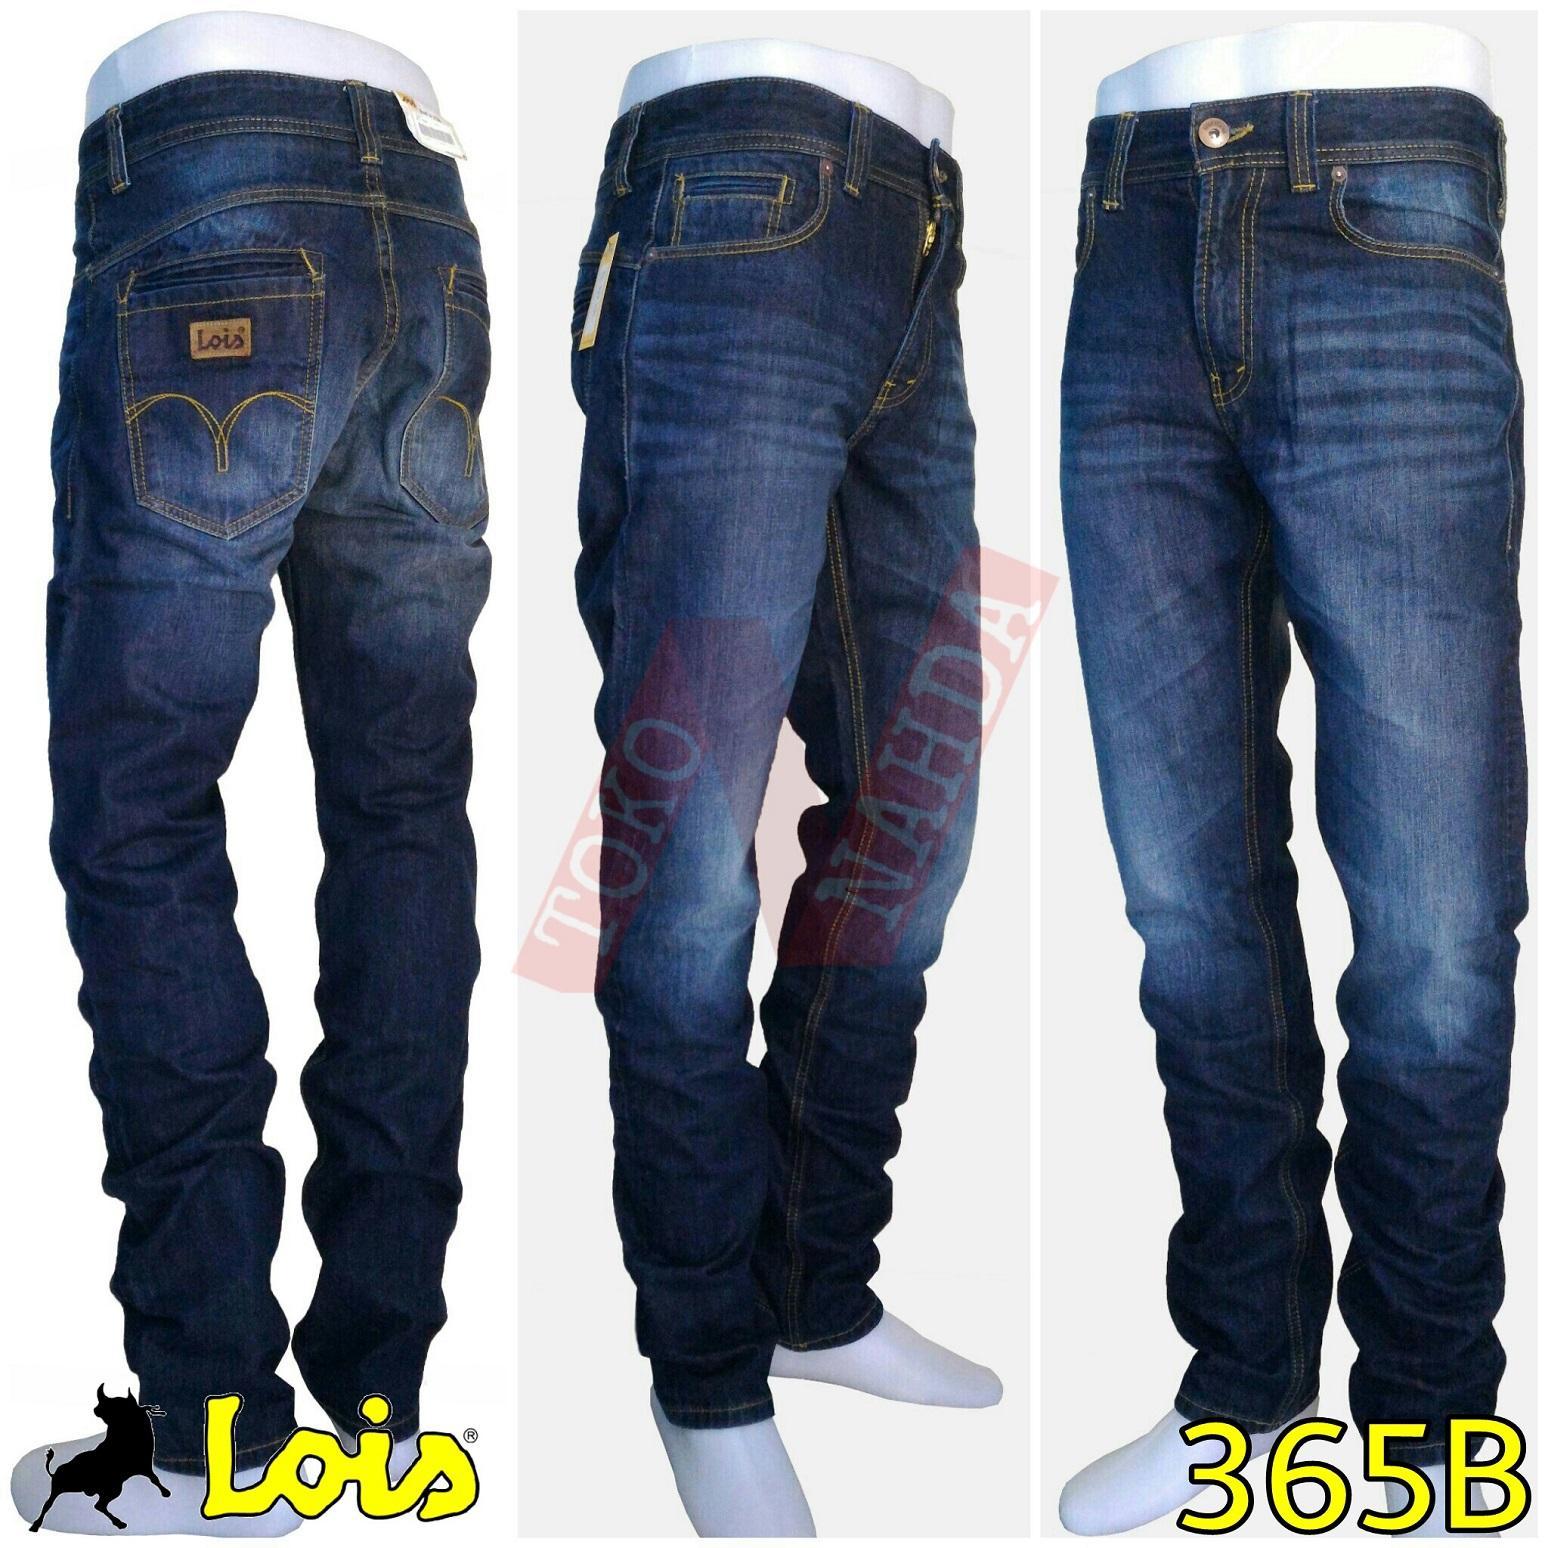 Dnr Celana Jeans Nevan Premium Stretch Beli Harga Murah Lois Original Panjang Pria Slim Fit Sls430 Navy 31 Pricenia Com Source